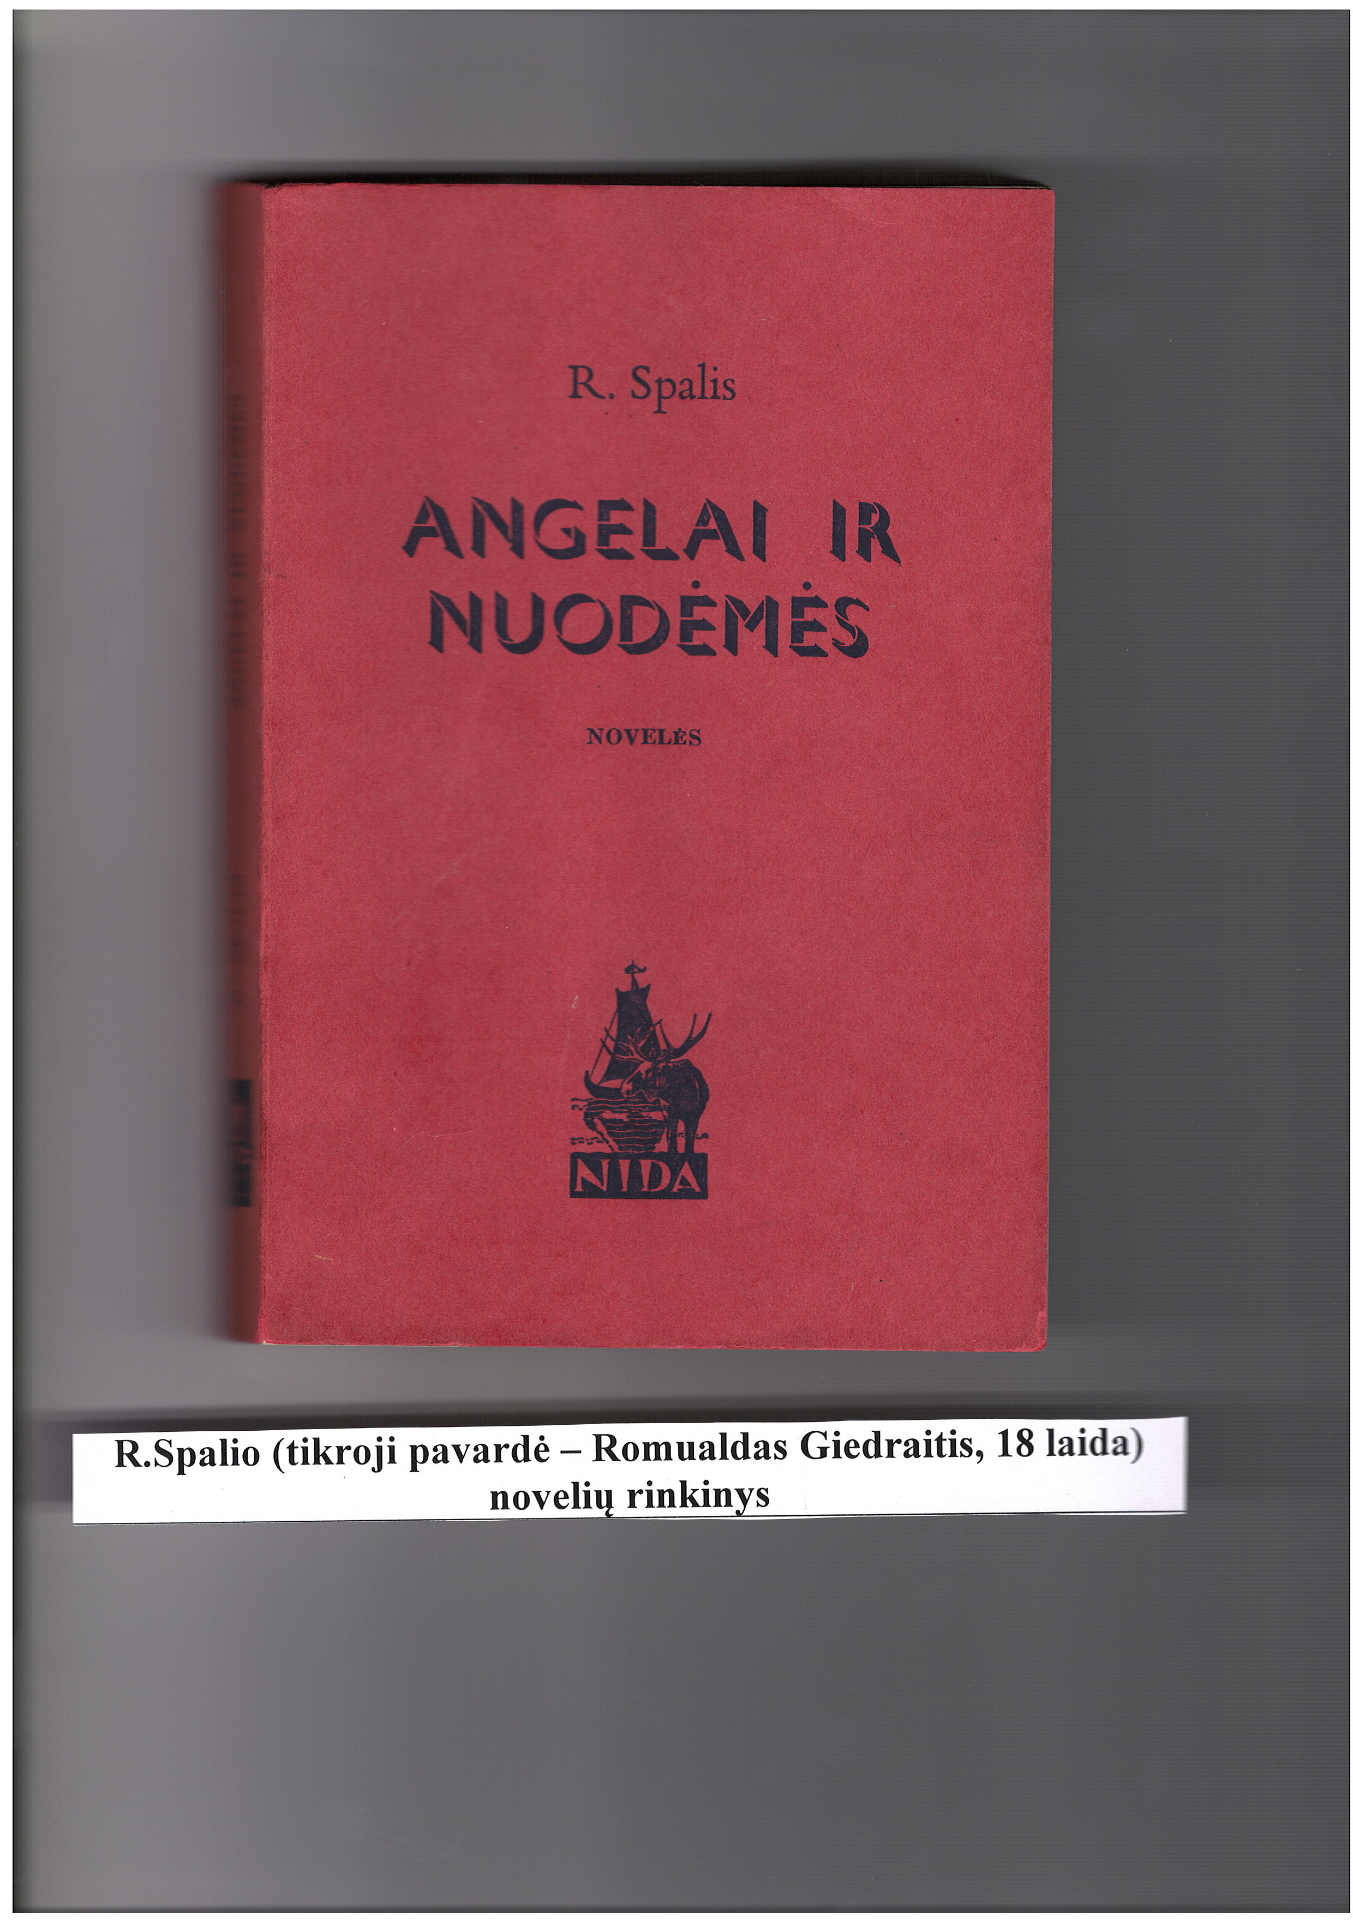 R.Spalio novelių rinkinys, 18 laida